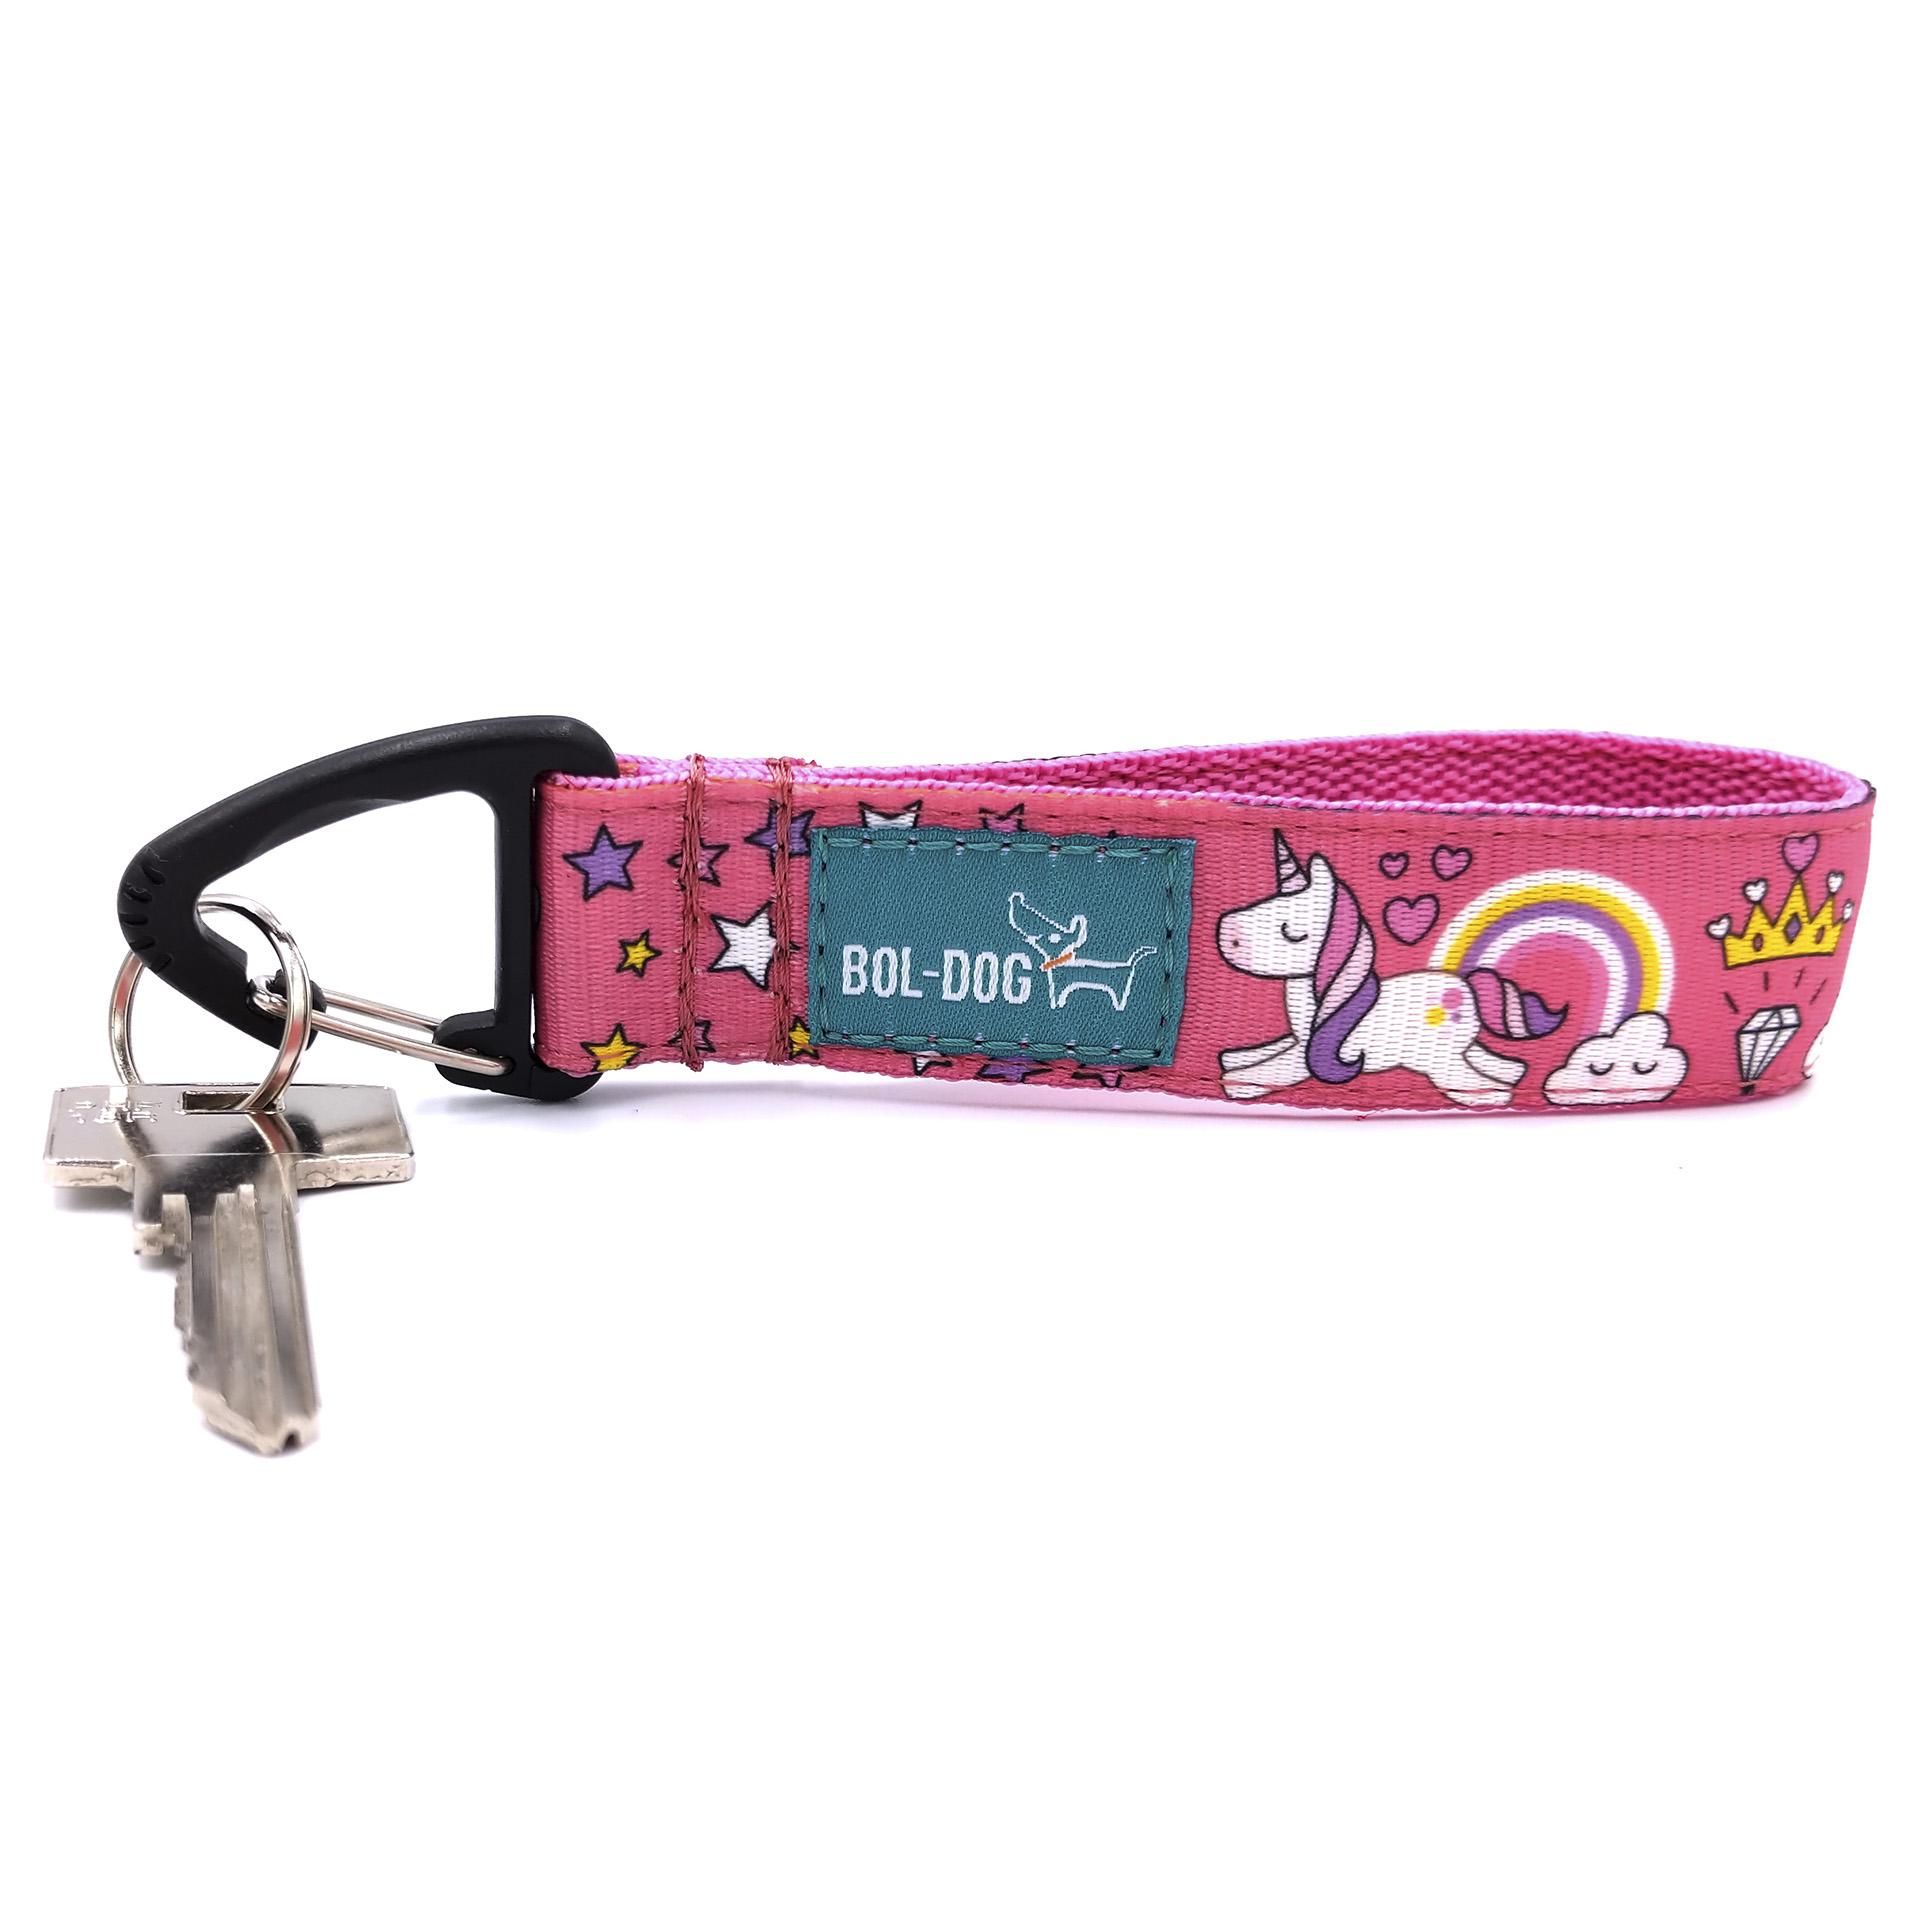 Unicorn key holder